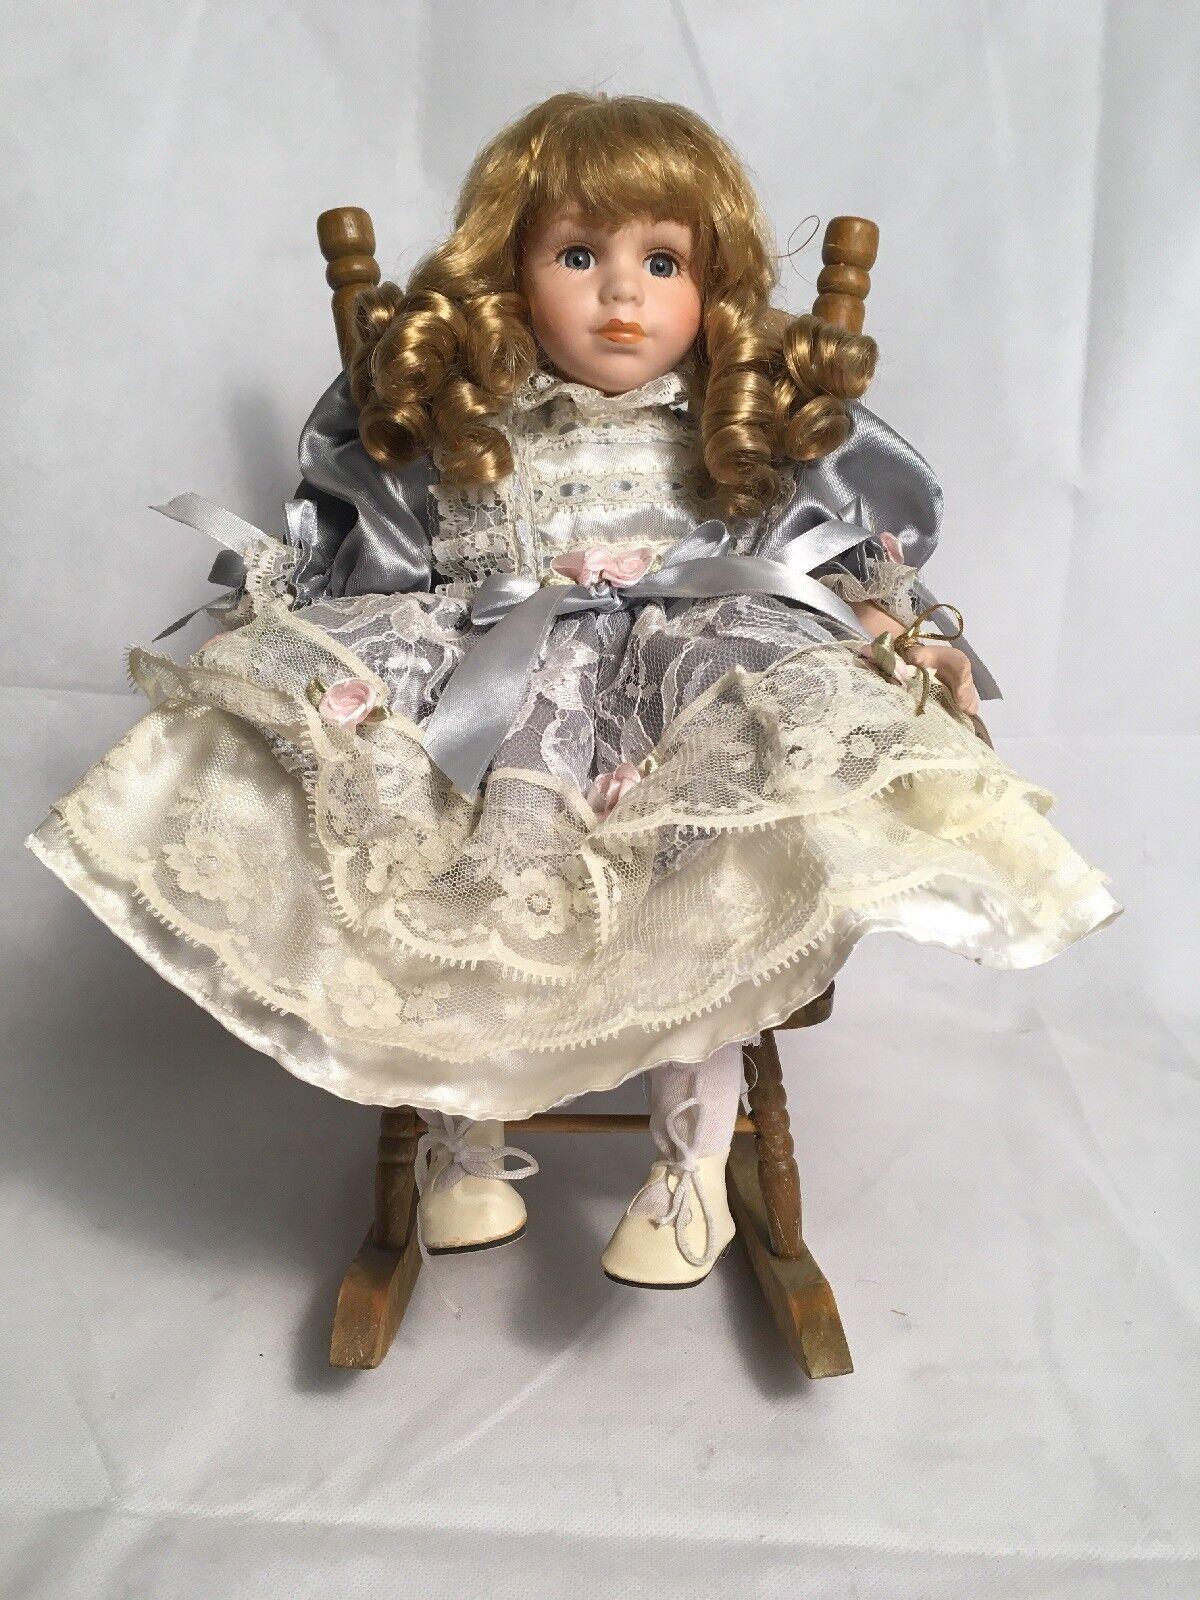 Genuine Bambola Bambola Bambola di Porcellana Frances con Sedia a dondolo 911163